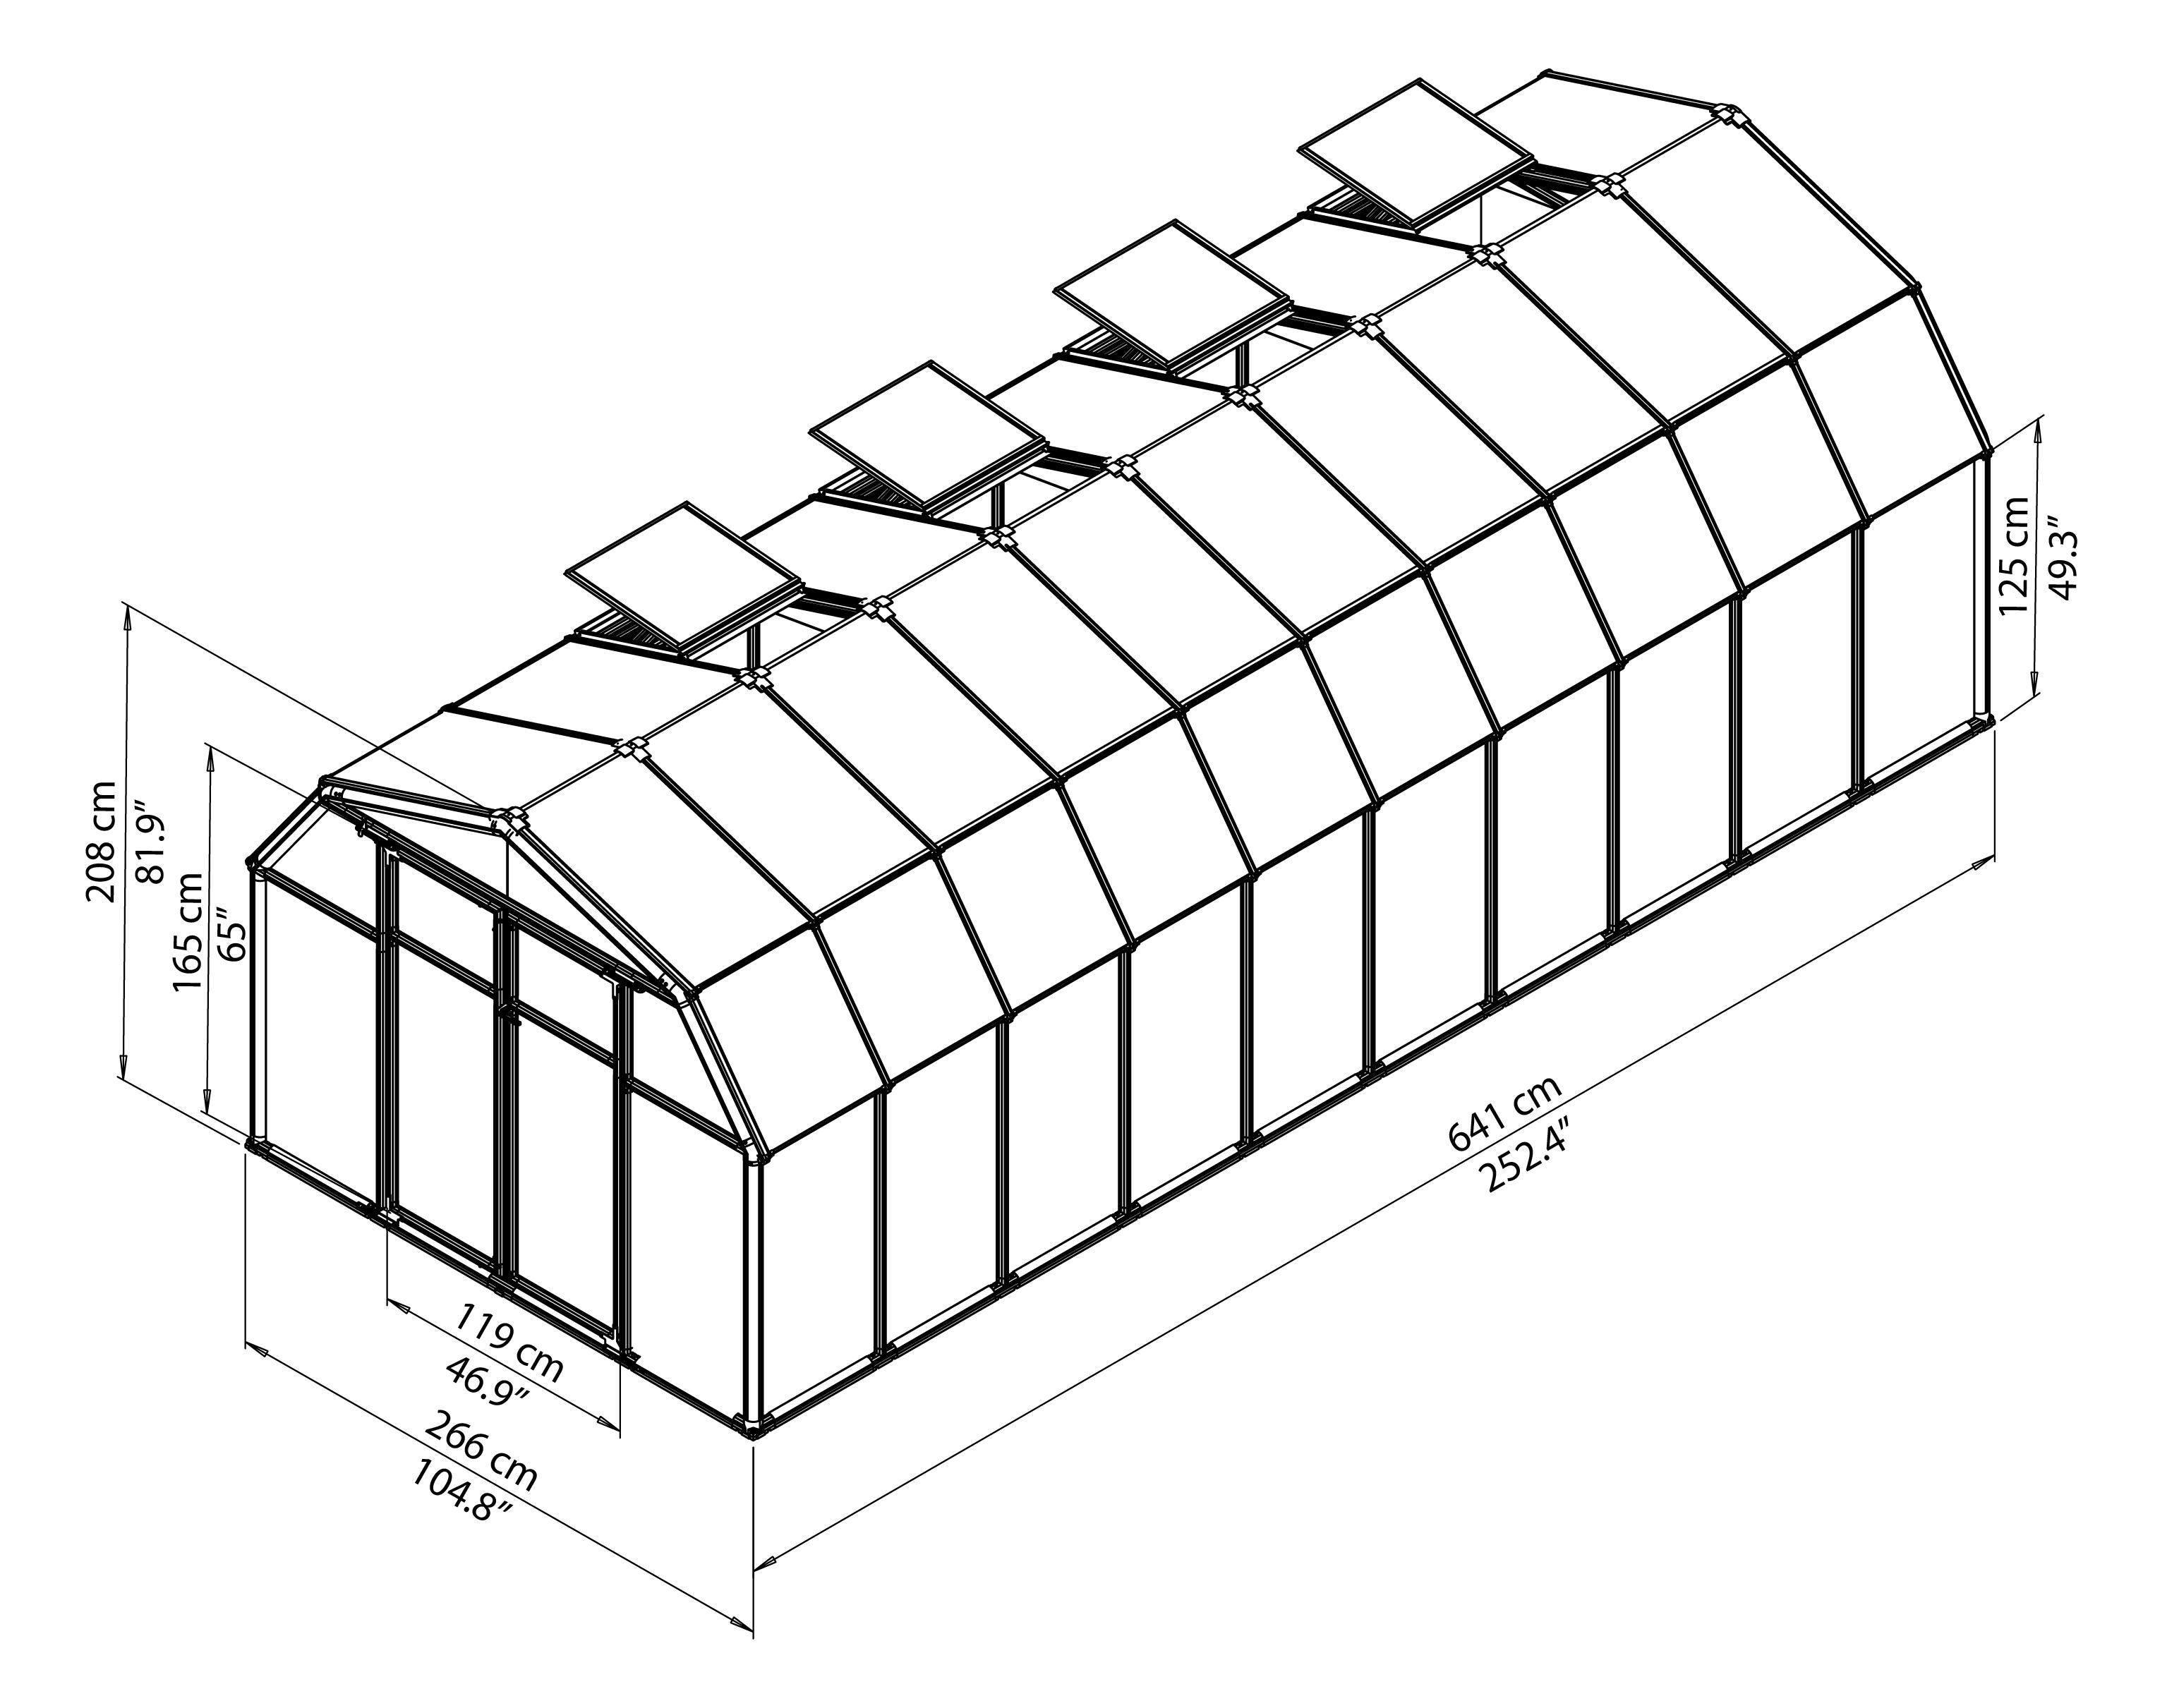 rion-greenhouses-hobbygardener-8x20-drawing-isoview.jpg